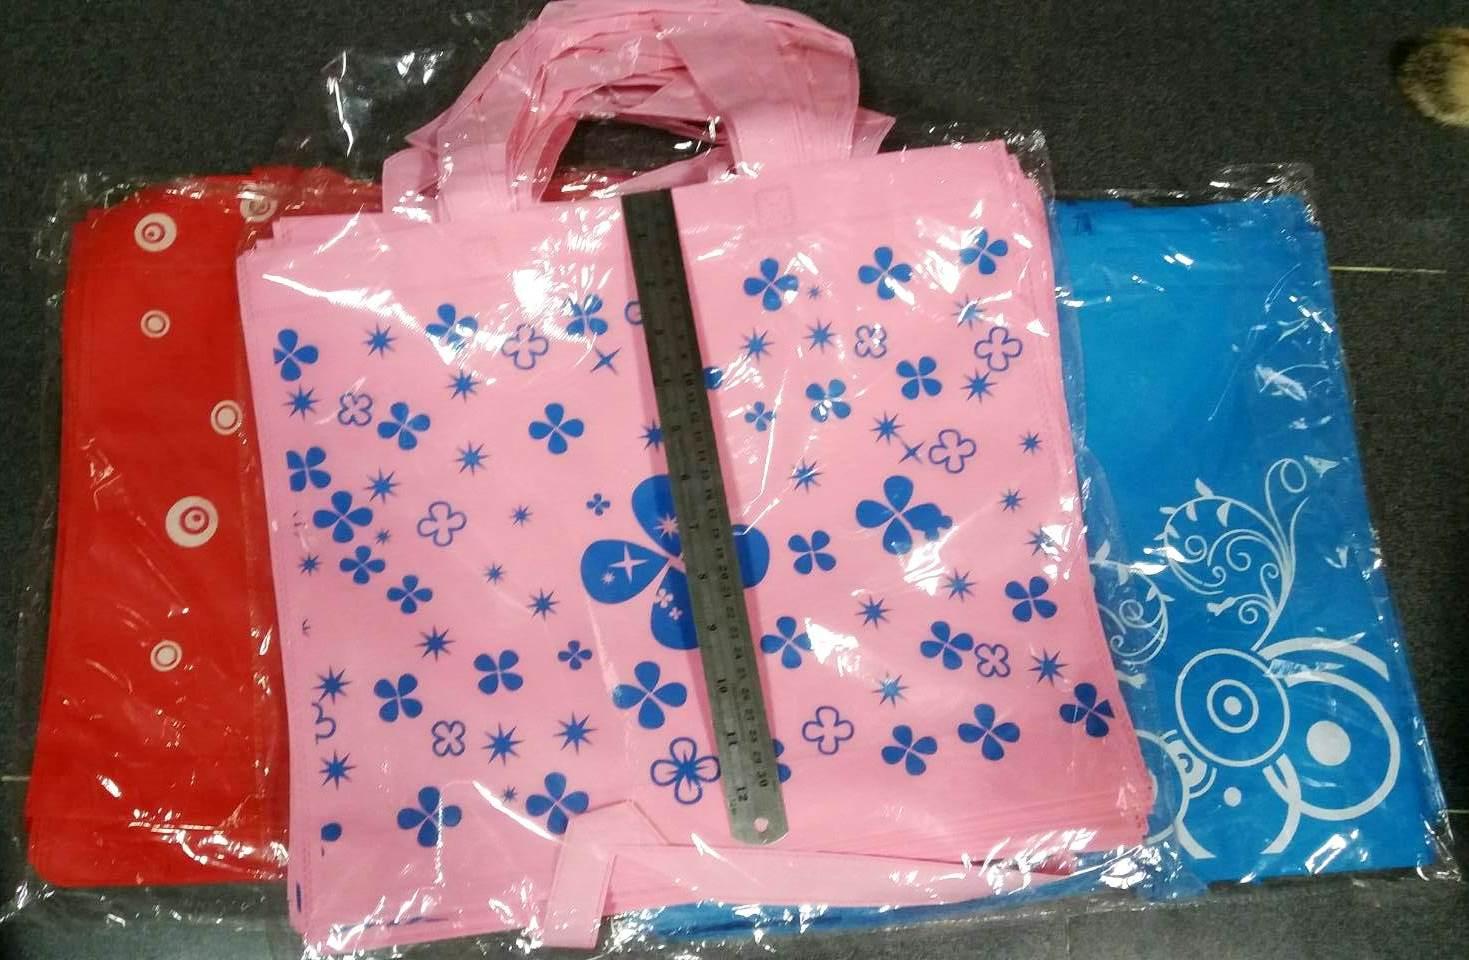 กระเป๋าผ้าสปันบอนด์ใบใหญ่140บาทต่อโหล